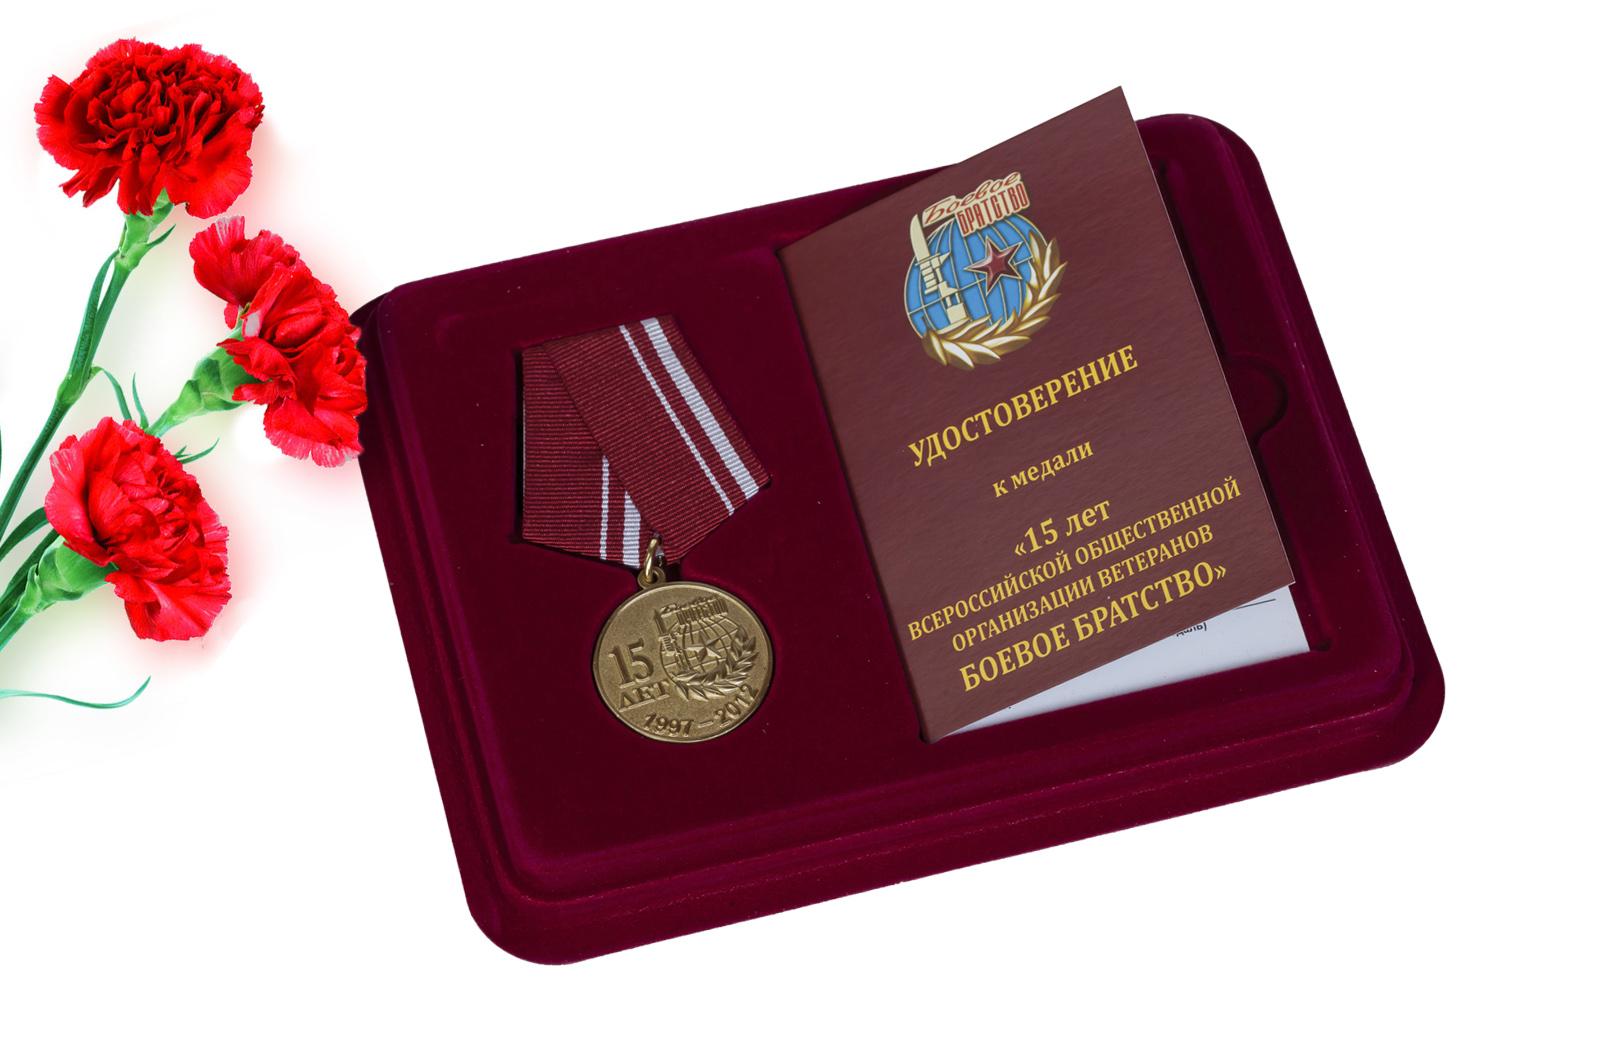 Купить памятная медаль Боевое братство. 15 лет по лучшей цене